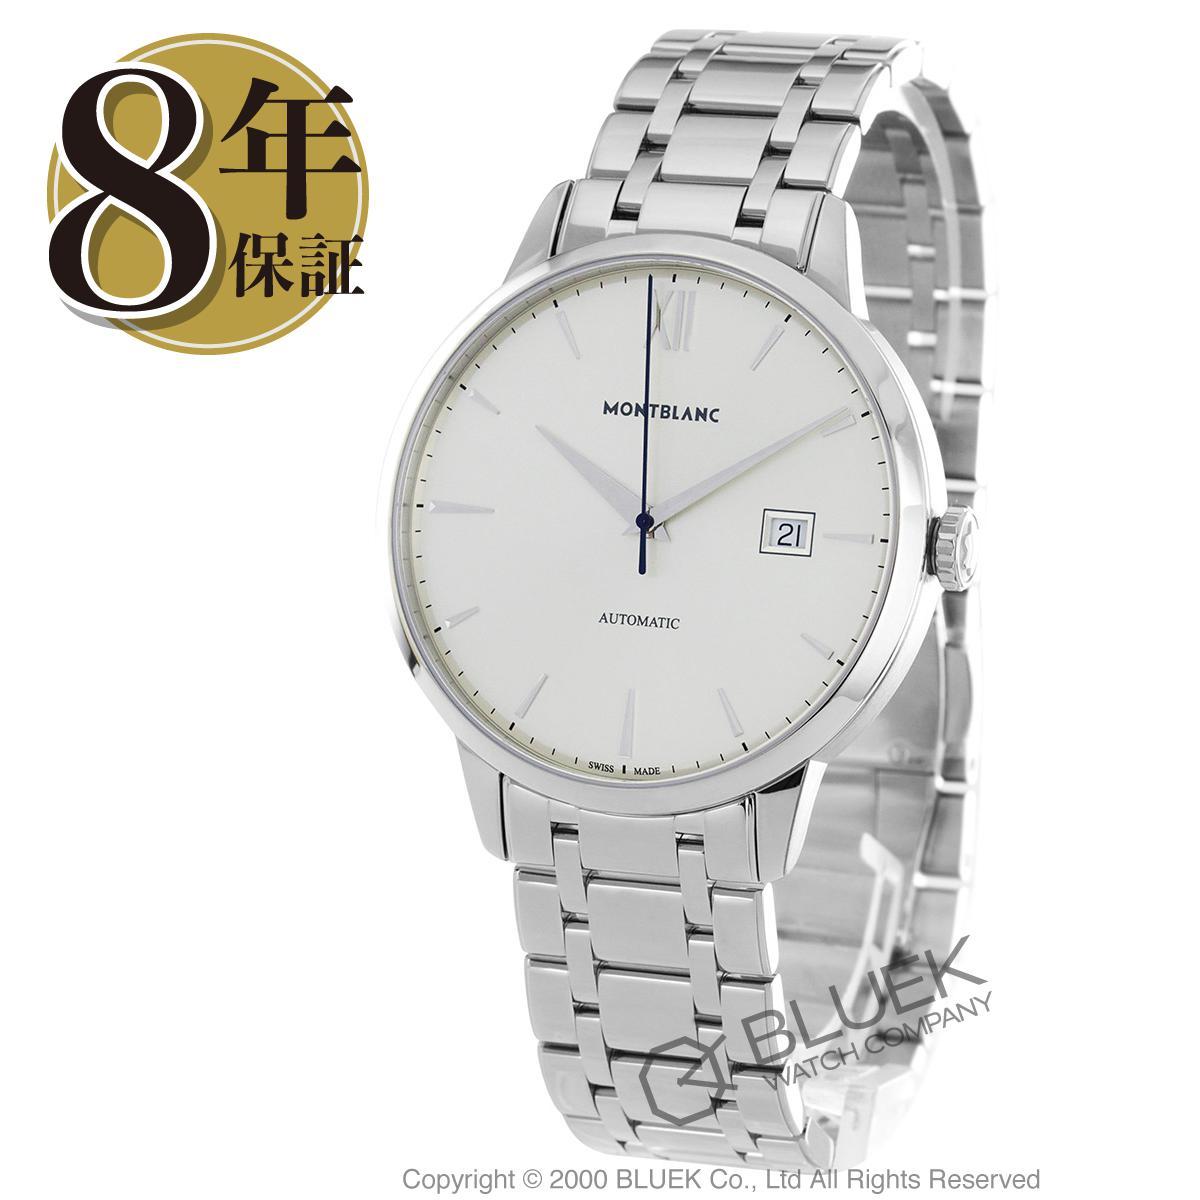 モンブラン ヘリテイジ スピリット 腕時計 メンズ MONTBLANC 111581_8